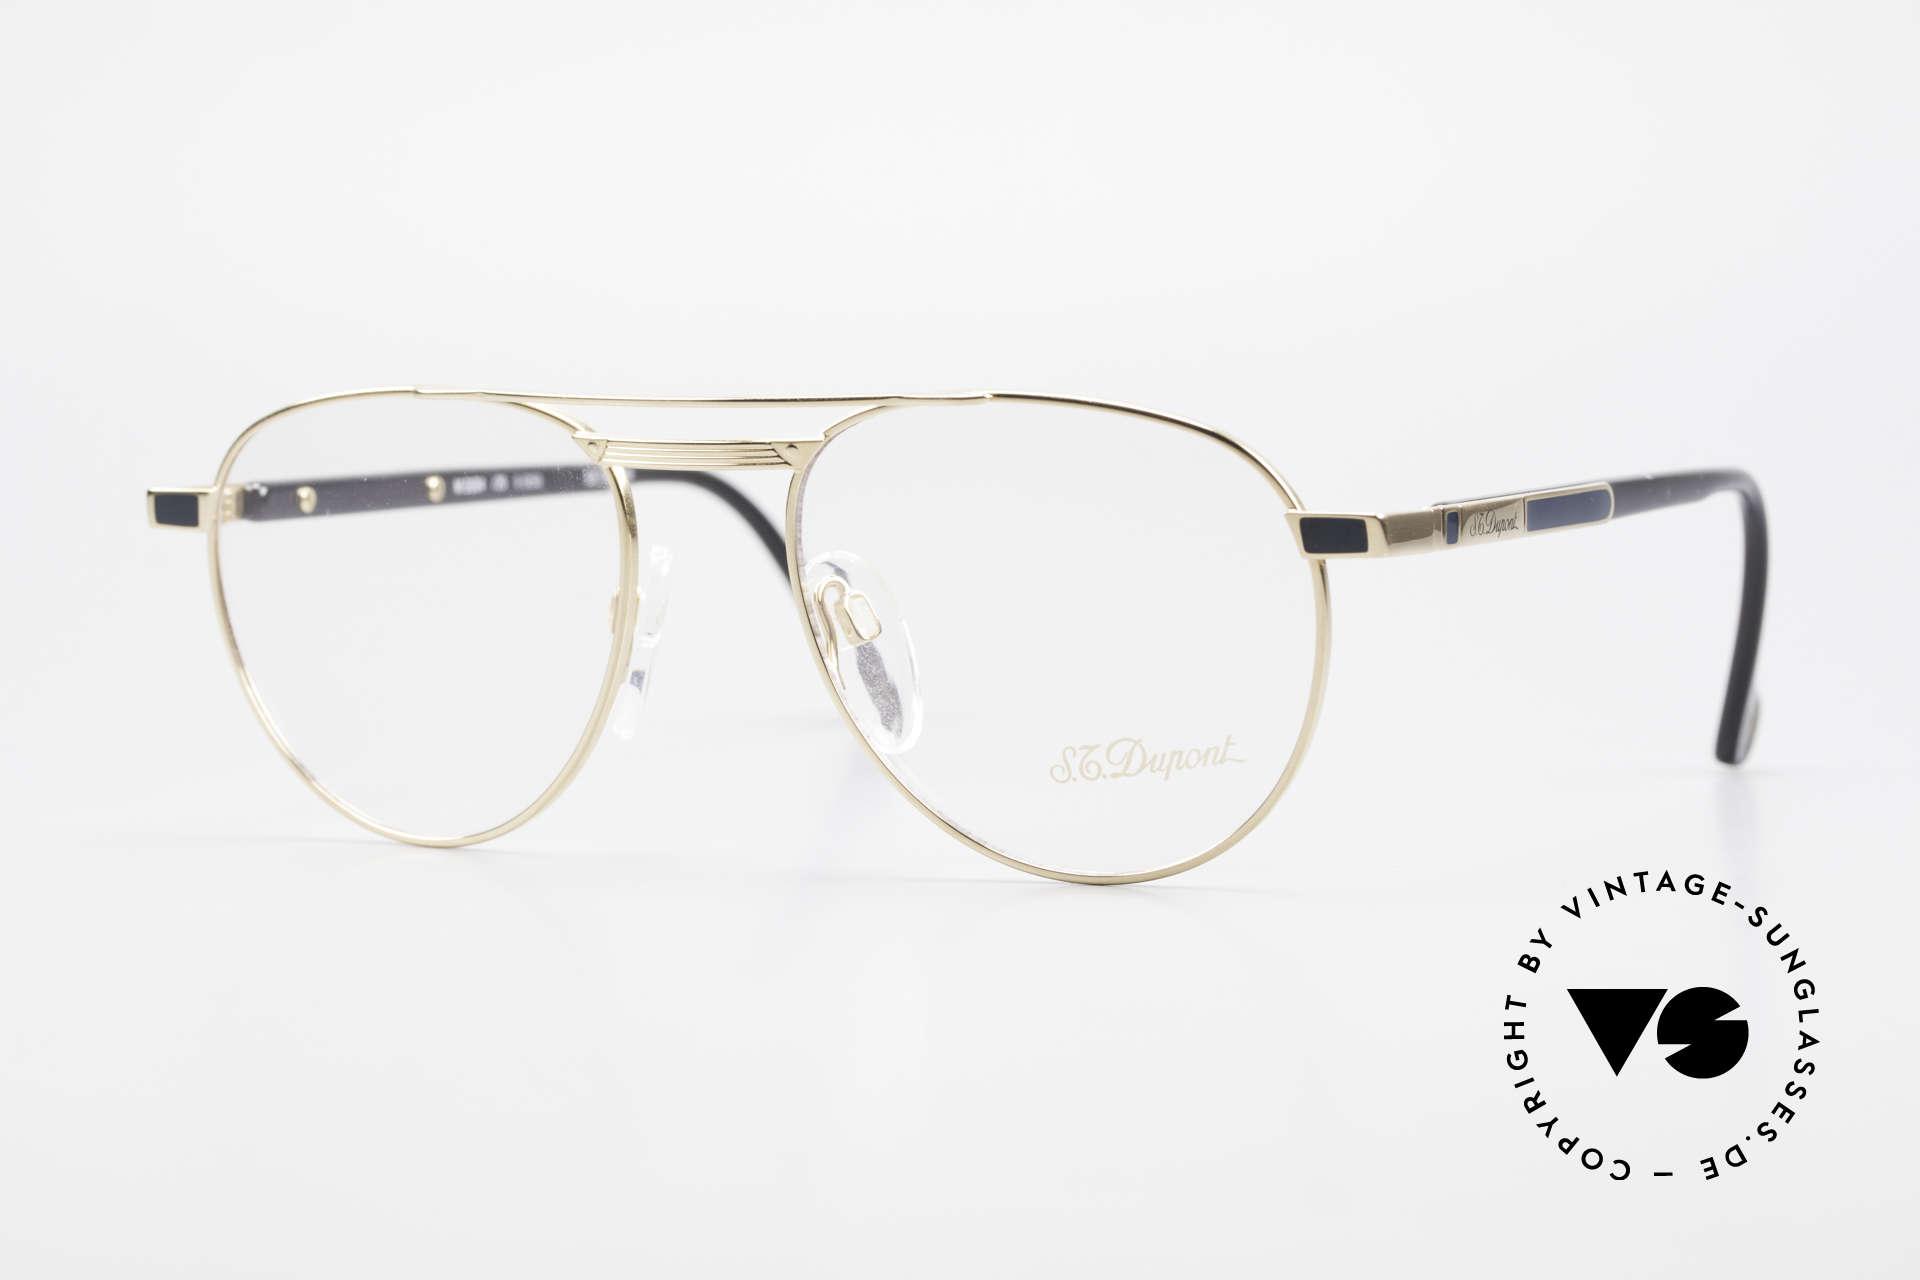 S.T. Dupont D004 90er Luxus Pilotenbrille Herren, sehr exklusive und kostbare S.T. Dupont Luxus-Brille, Passend für Herren